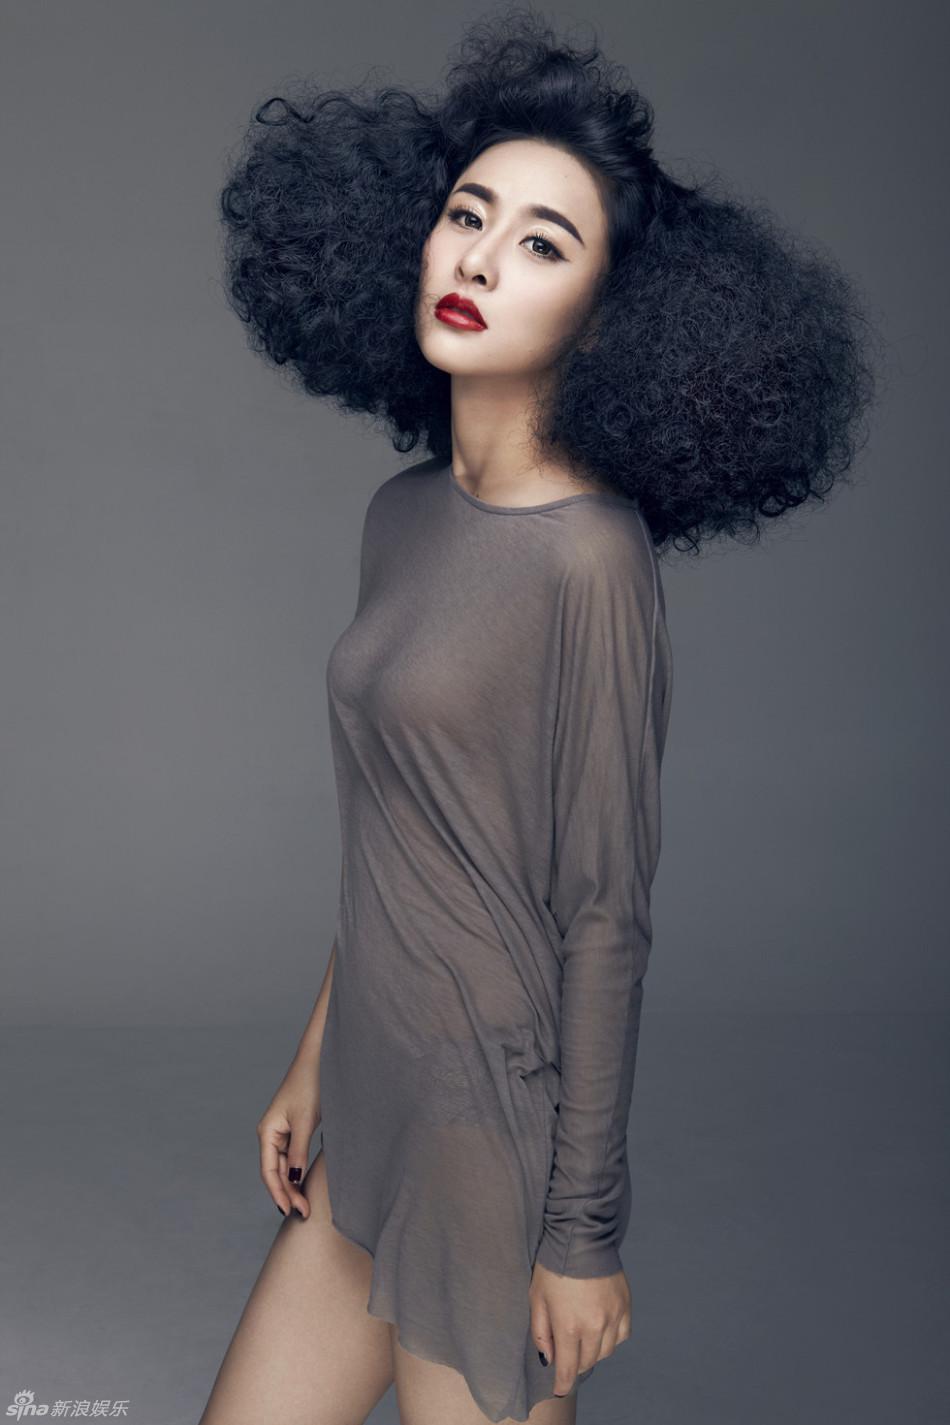 组图:贾青透视新写真夸张发型性感迷人